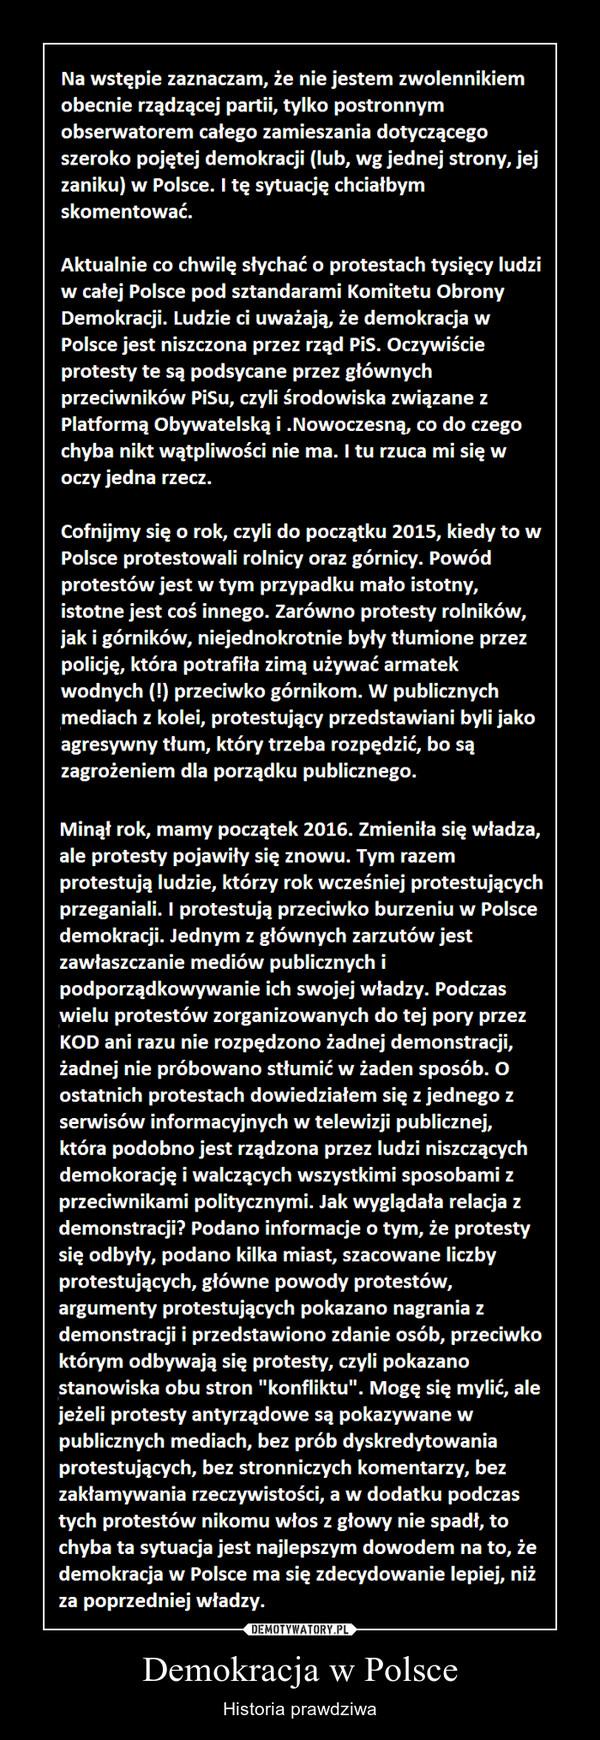 Demokracja w Polsce – Historia prawdziwa